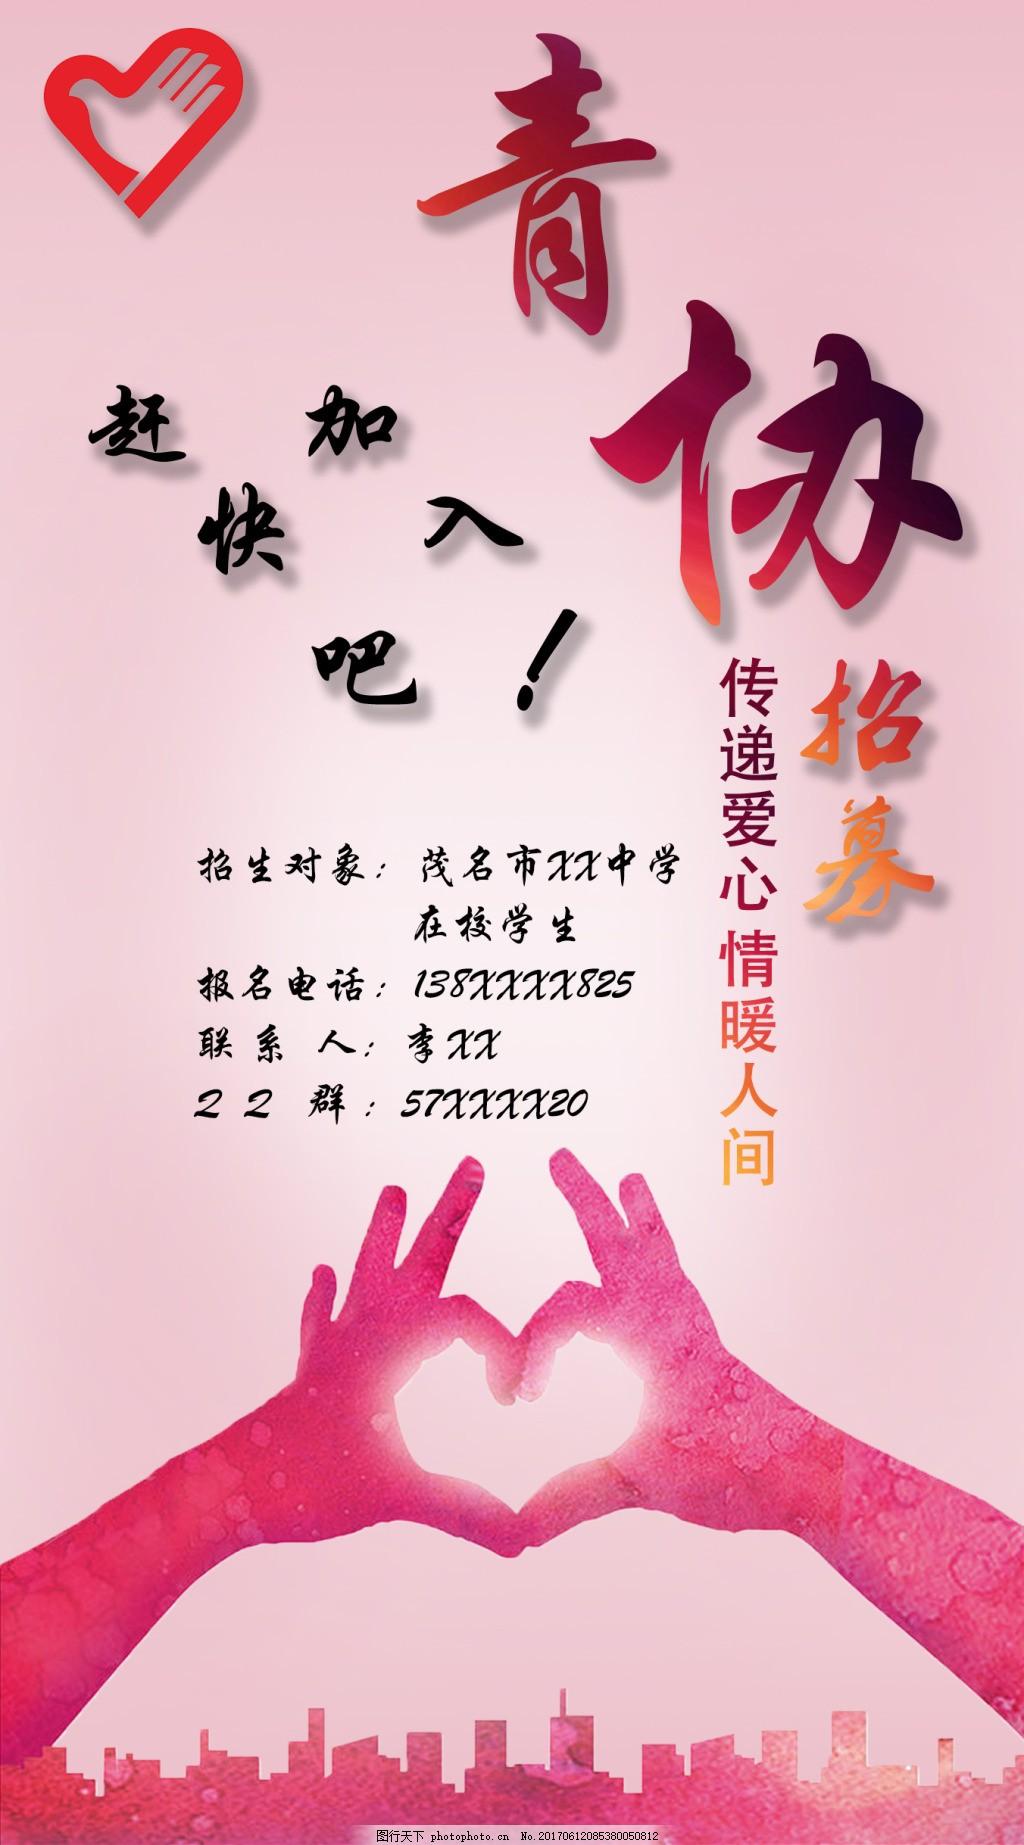 青协招募海报 社团招新海报 招贤纳士 招募新人 社团海报 企业招新